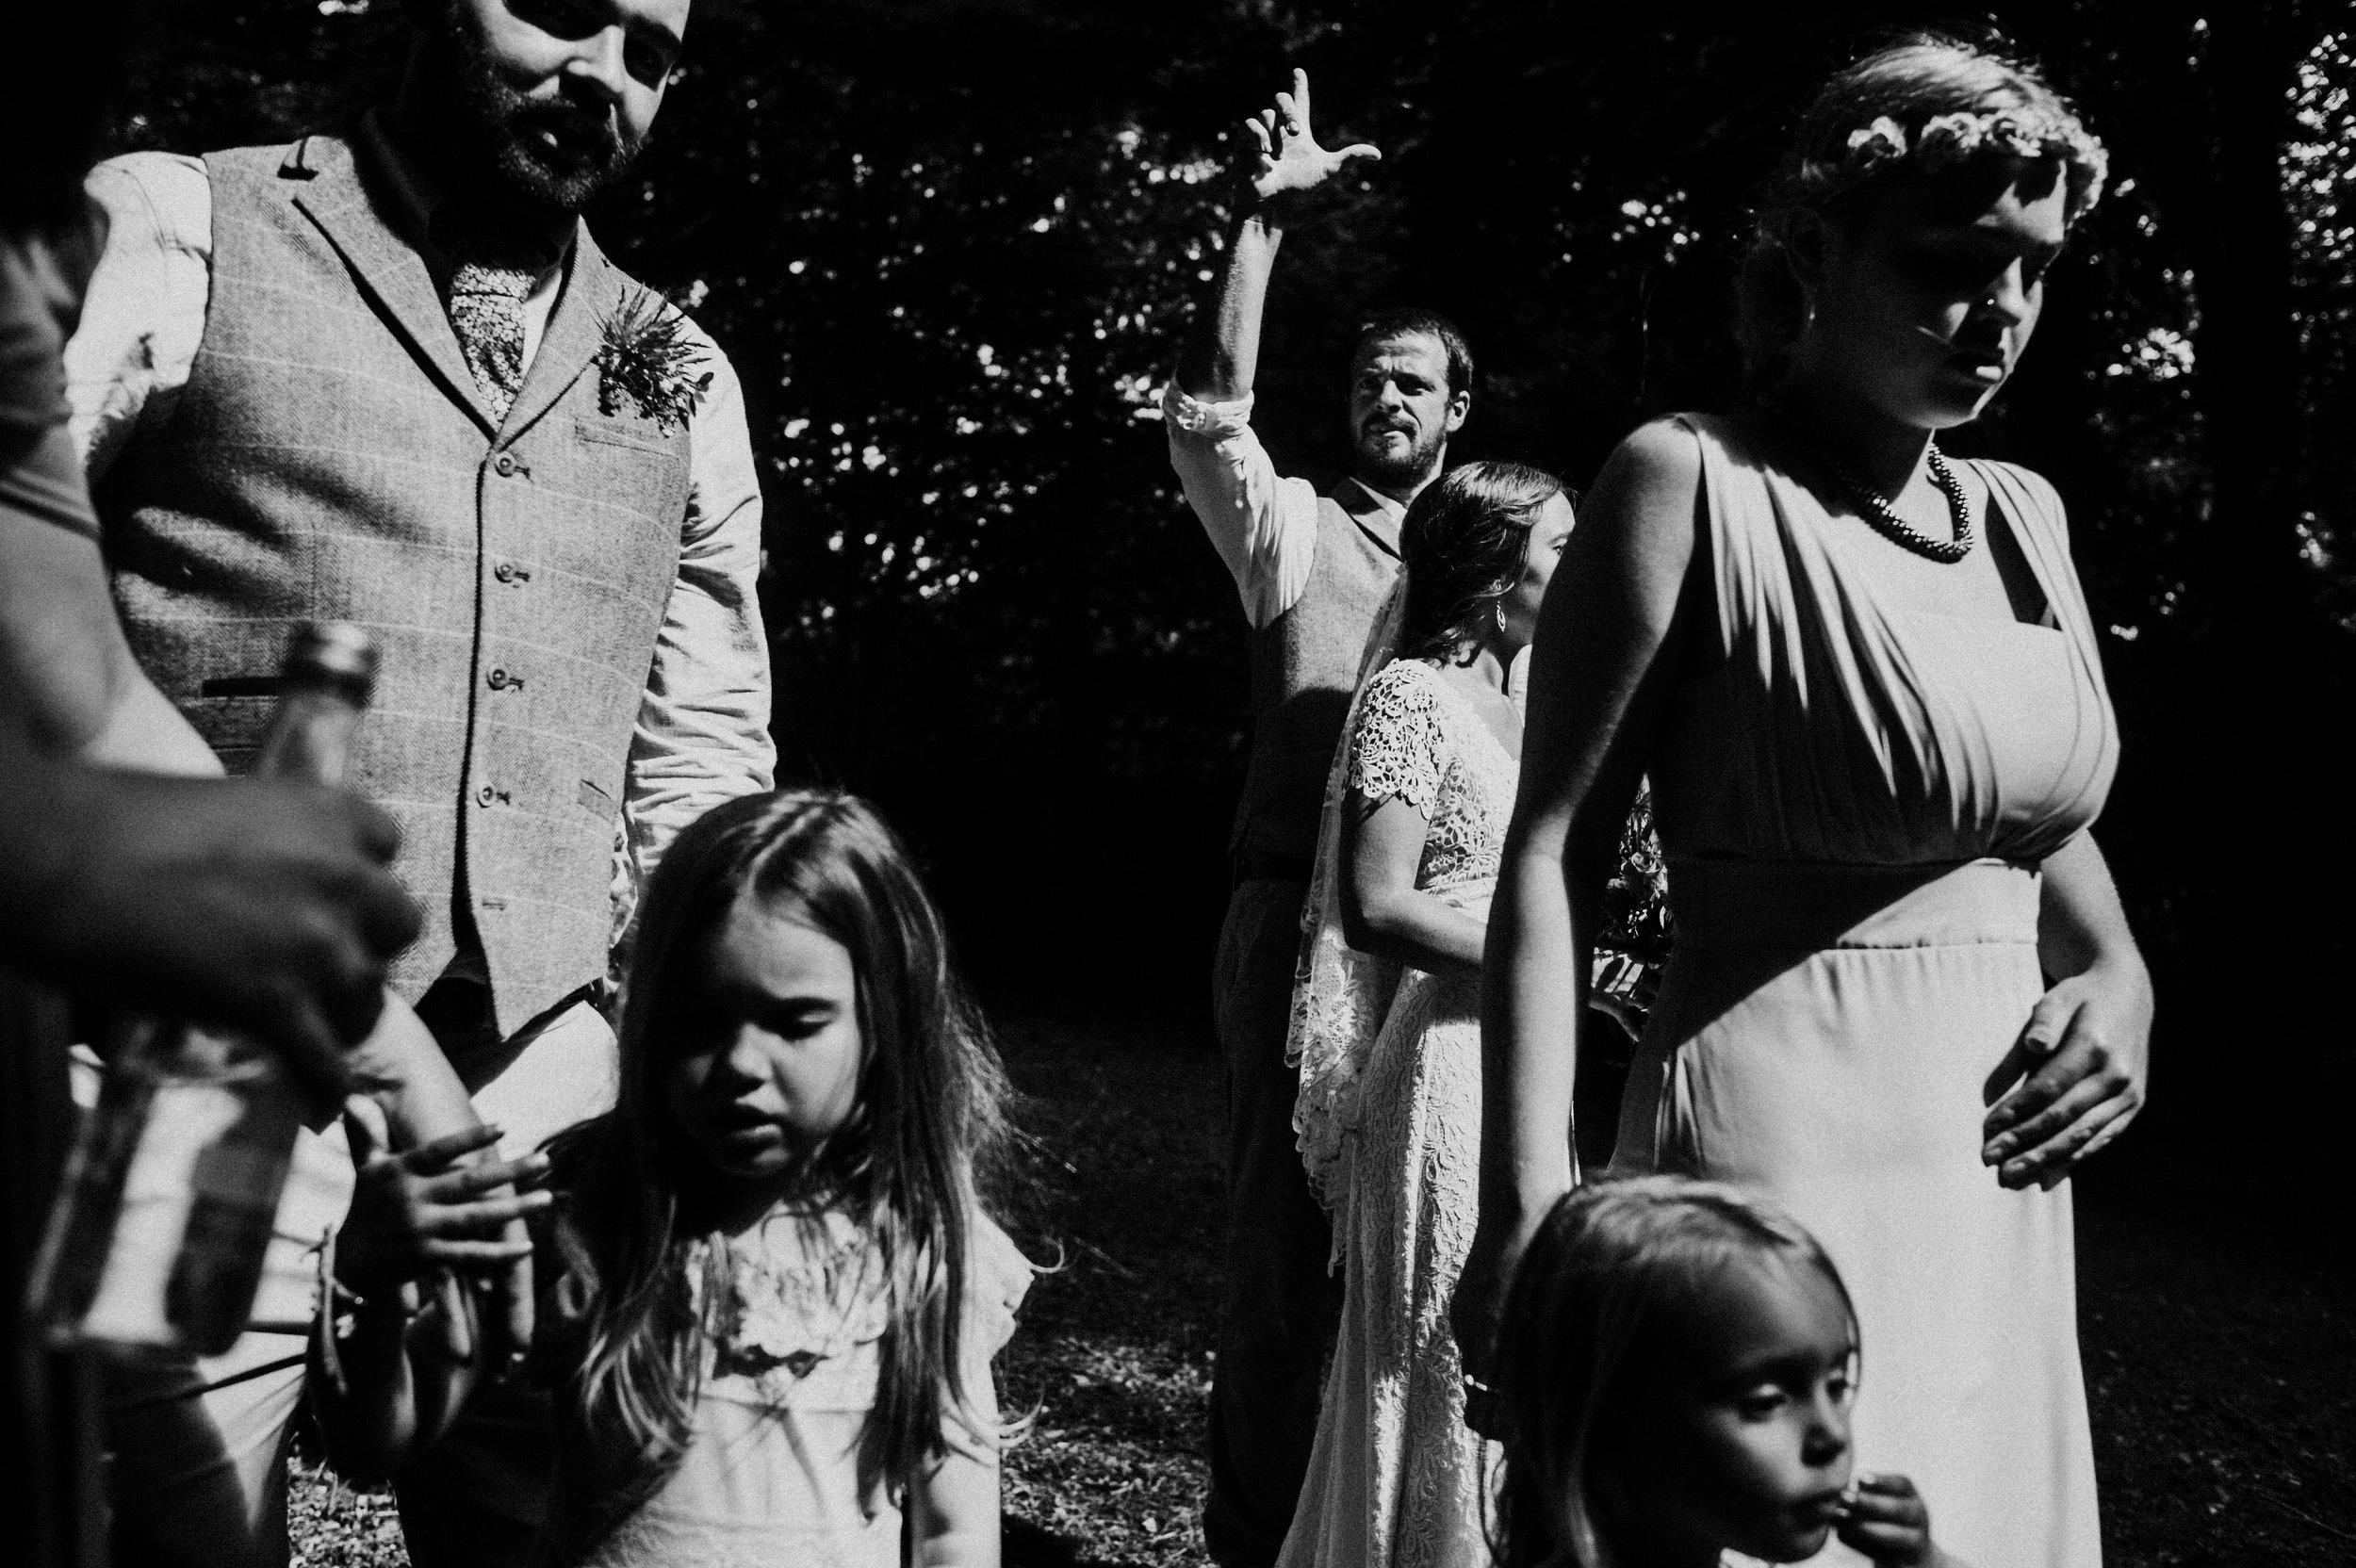 powderham castle wedding 19.jpg